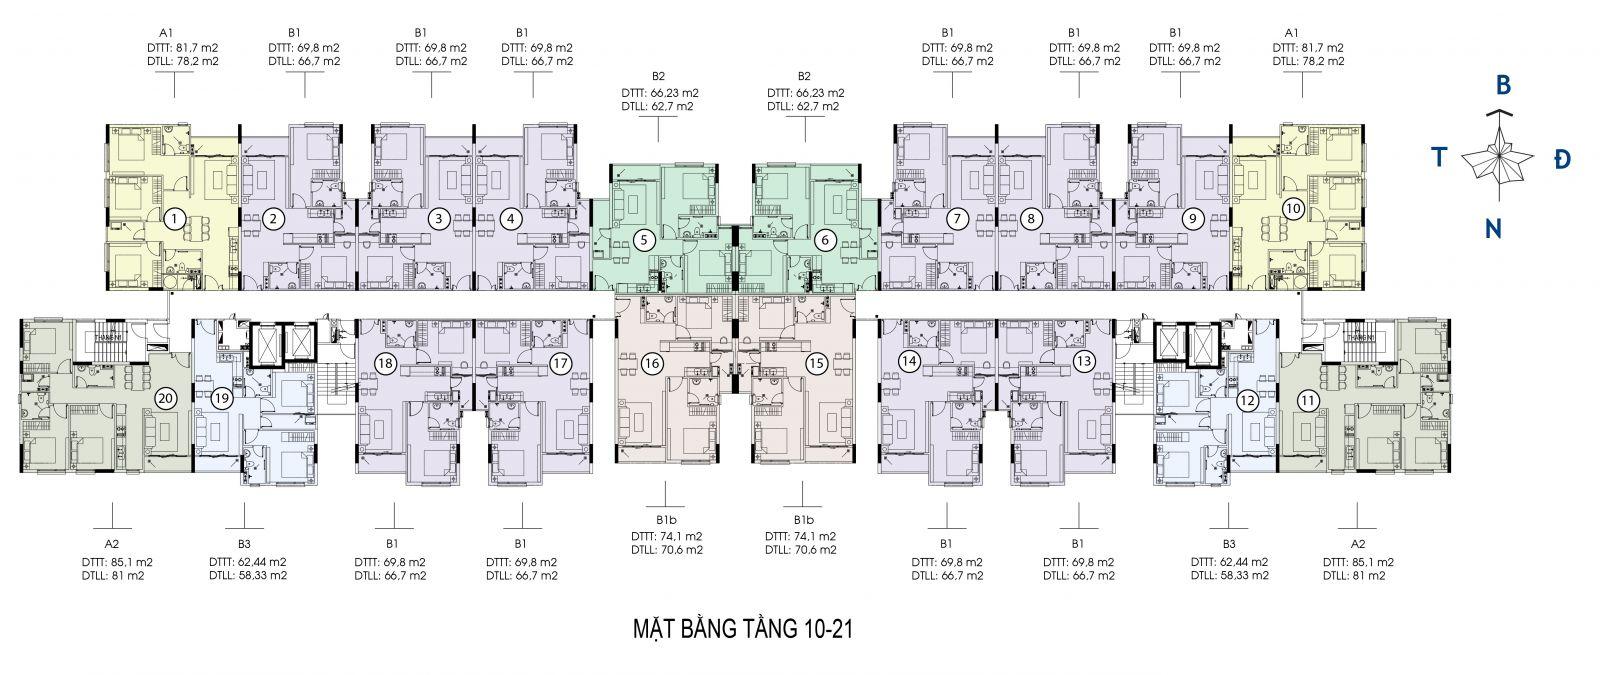 Mặt bằng tầng 10-21 căn hộ Saigon skyview quận 8